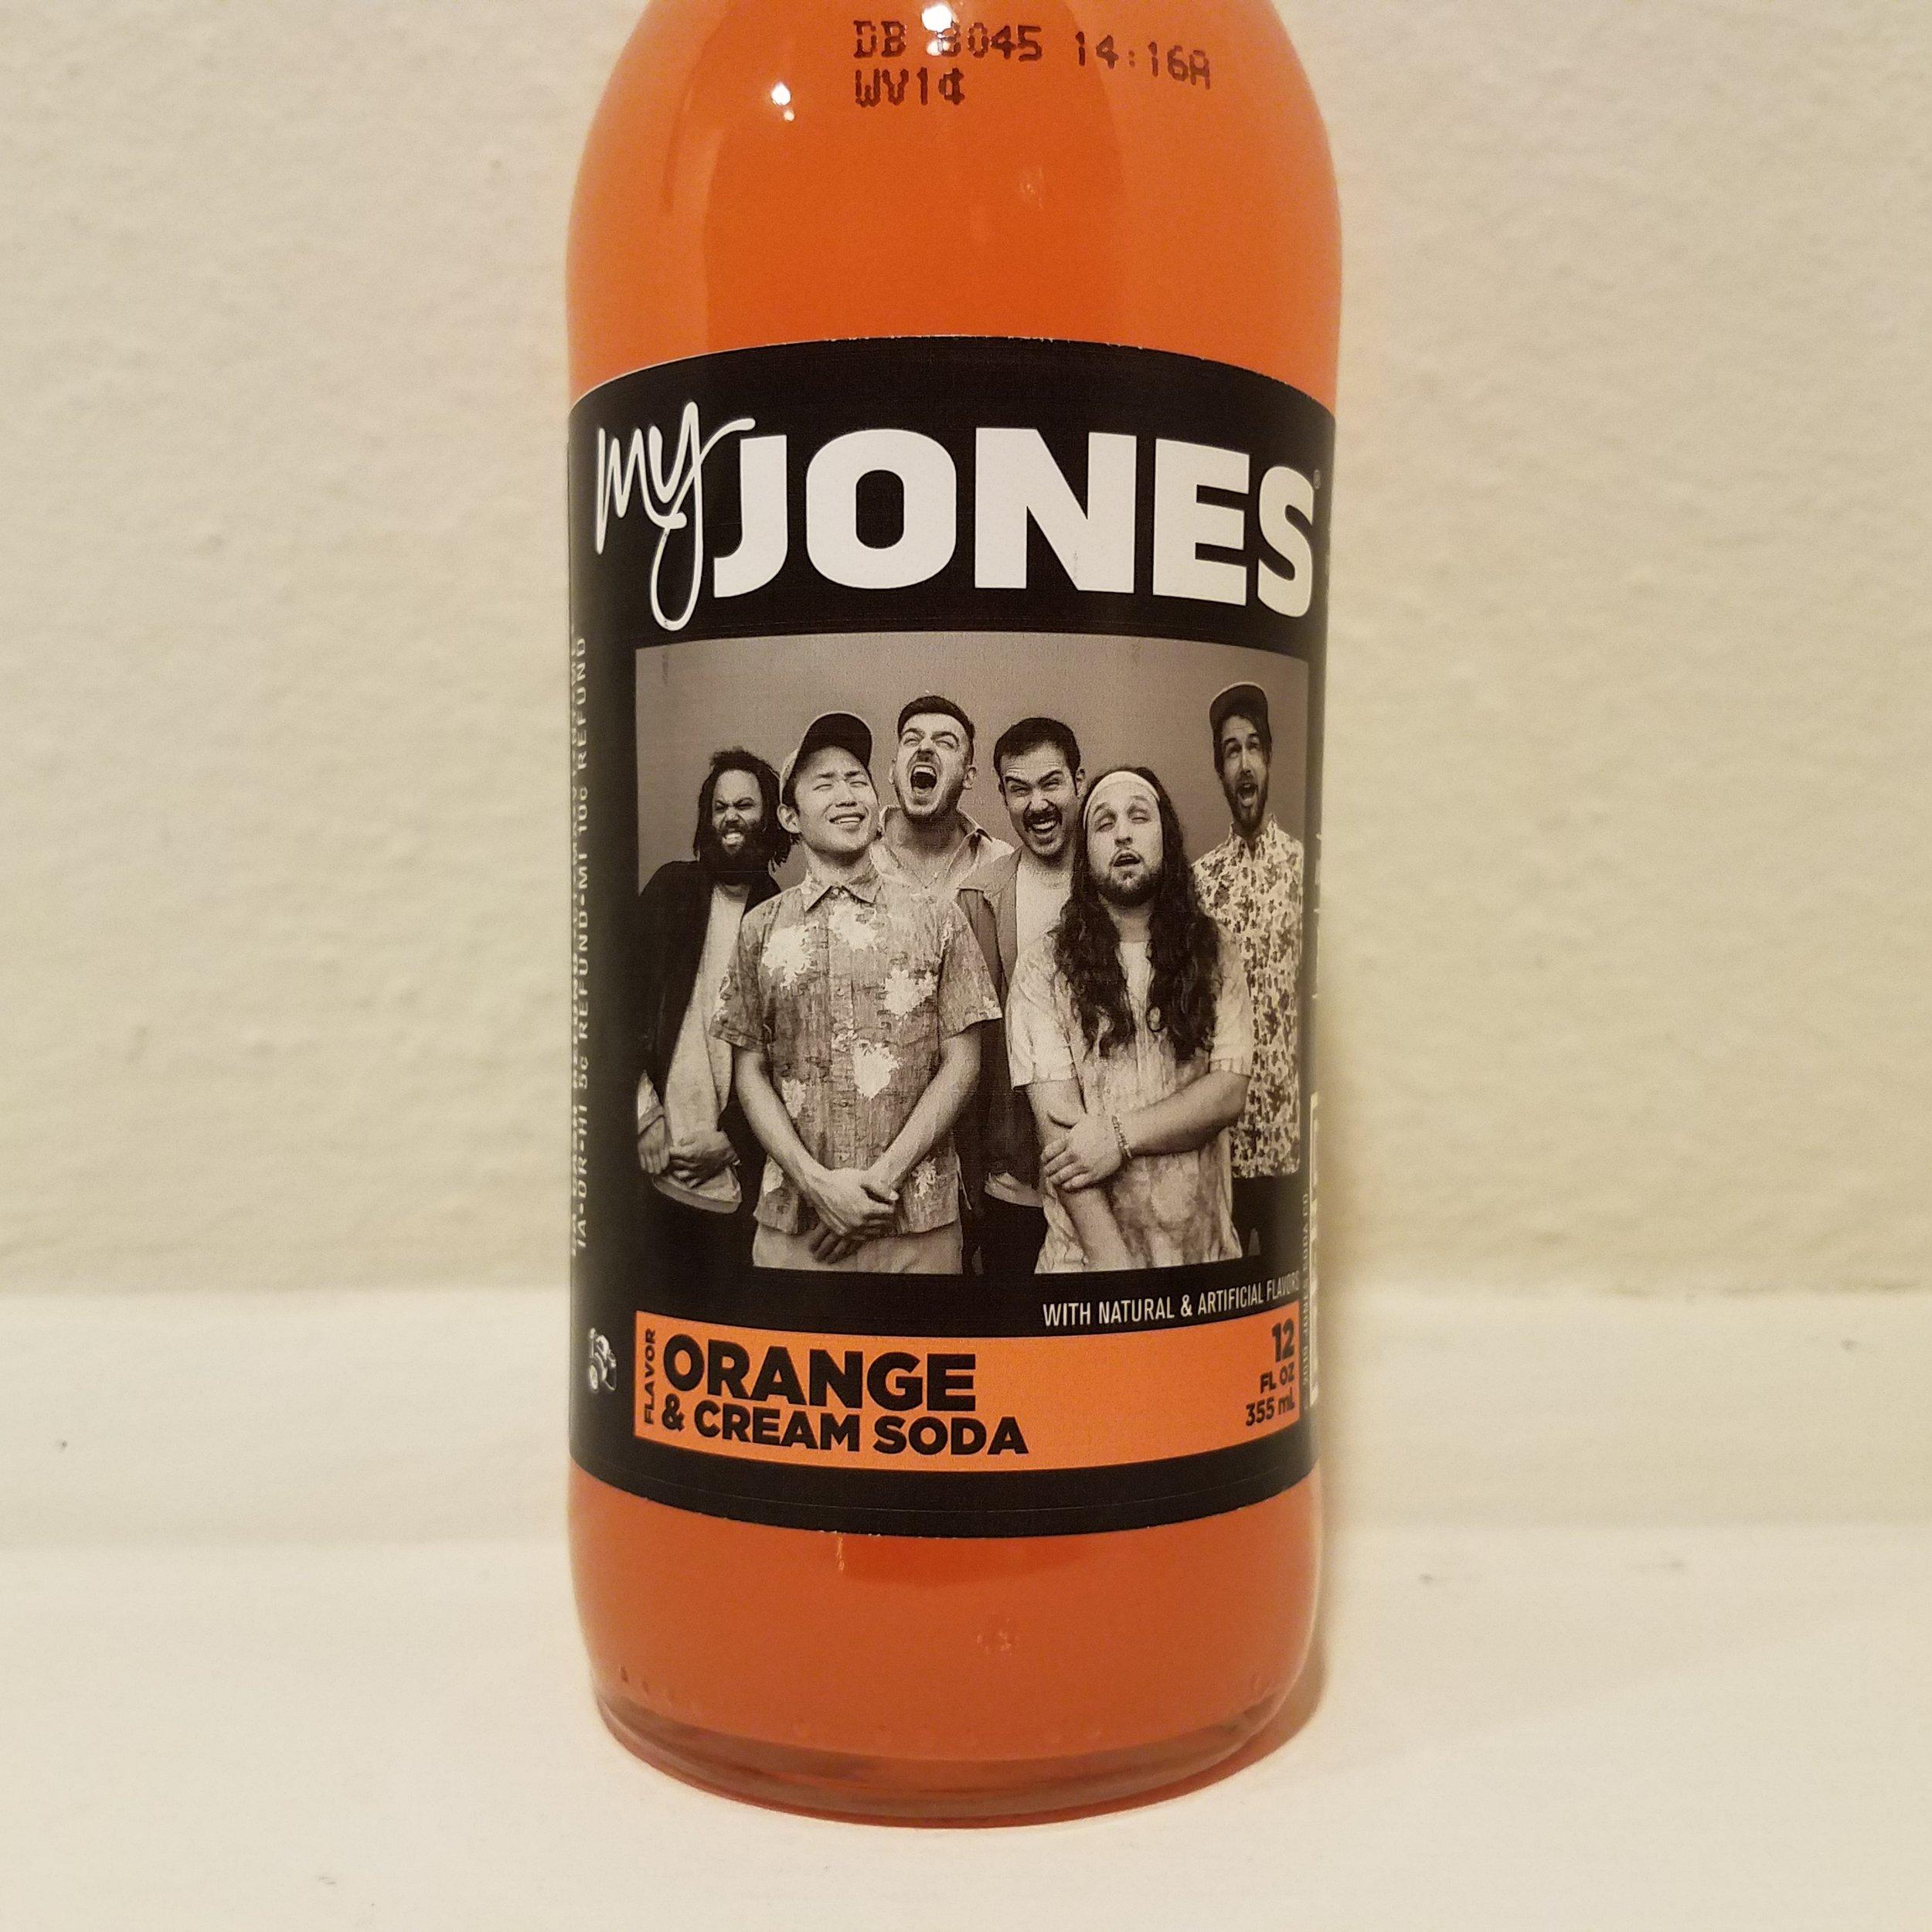 Jones Soda has partnered